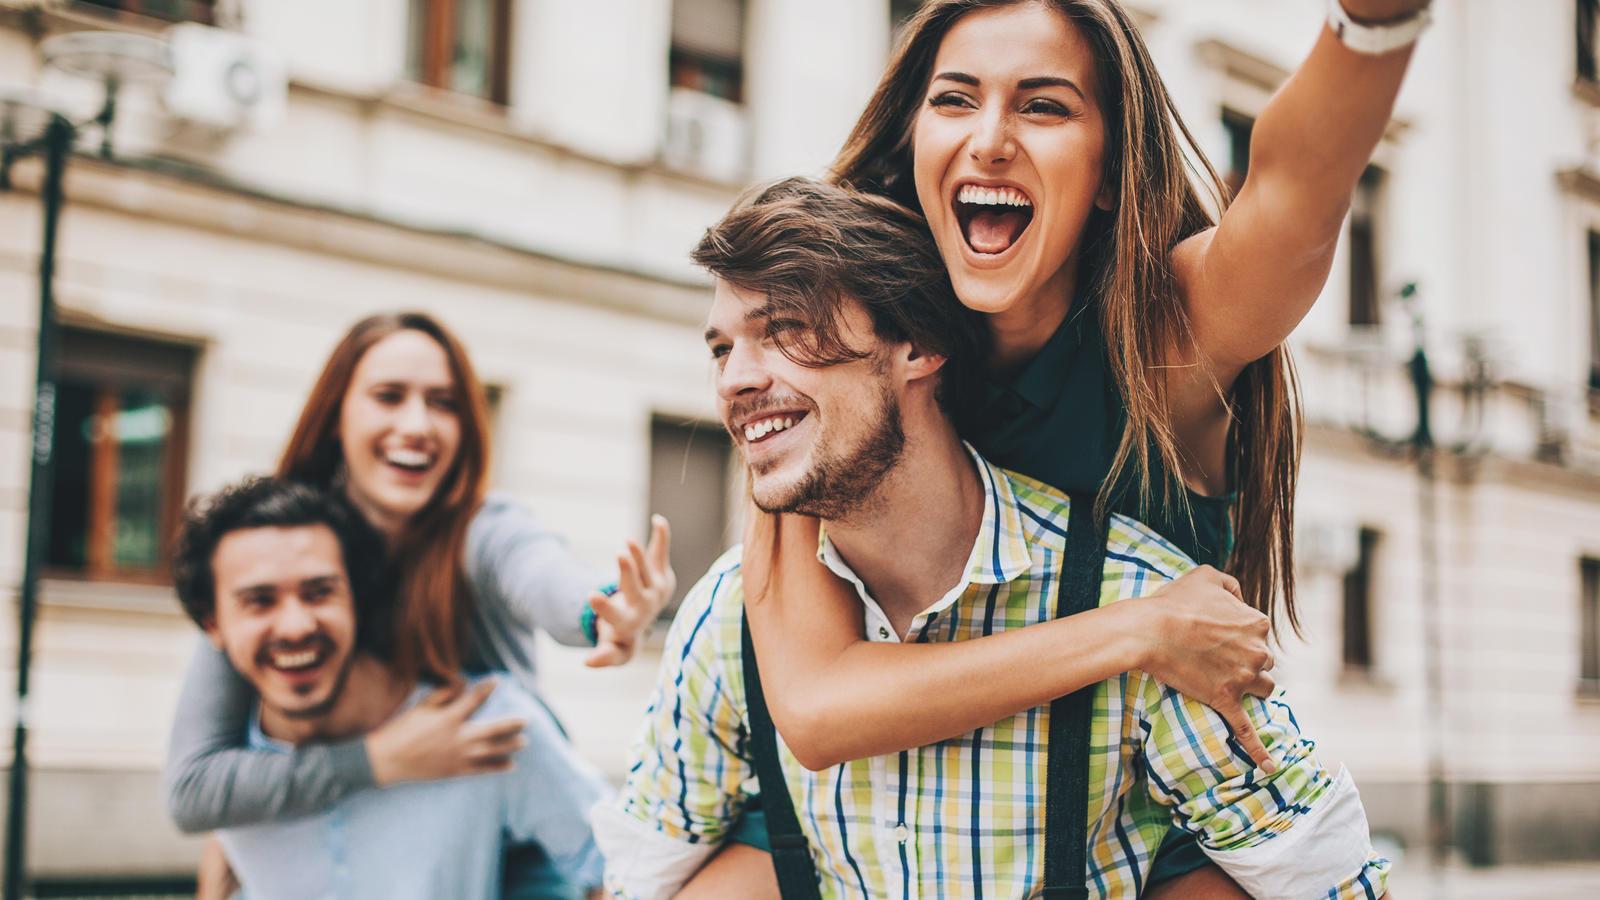 Die Beliebtheit im Teenageralter macht später unglücklich.